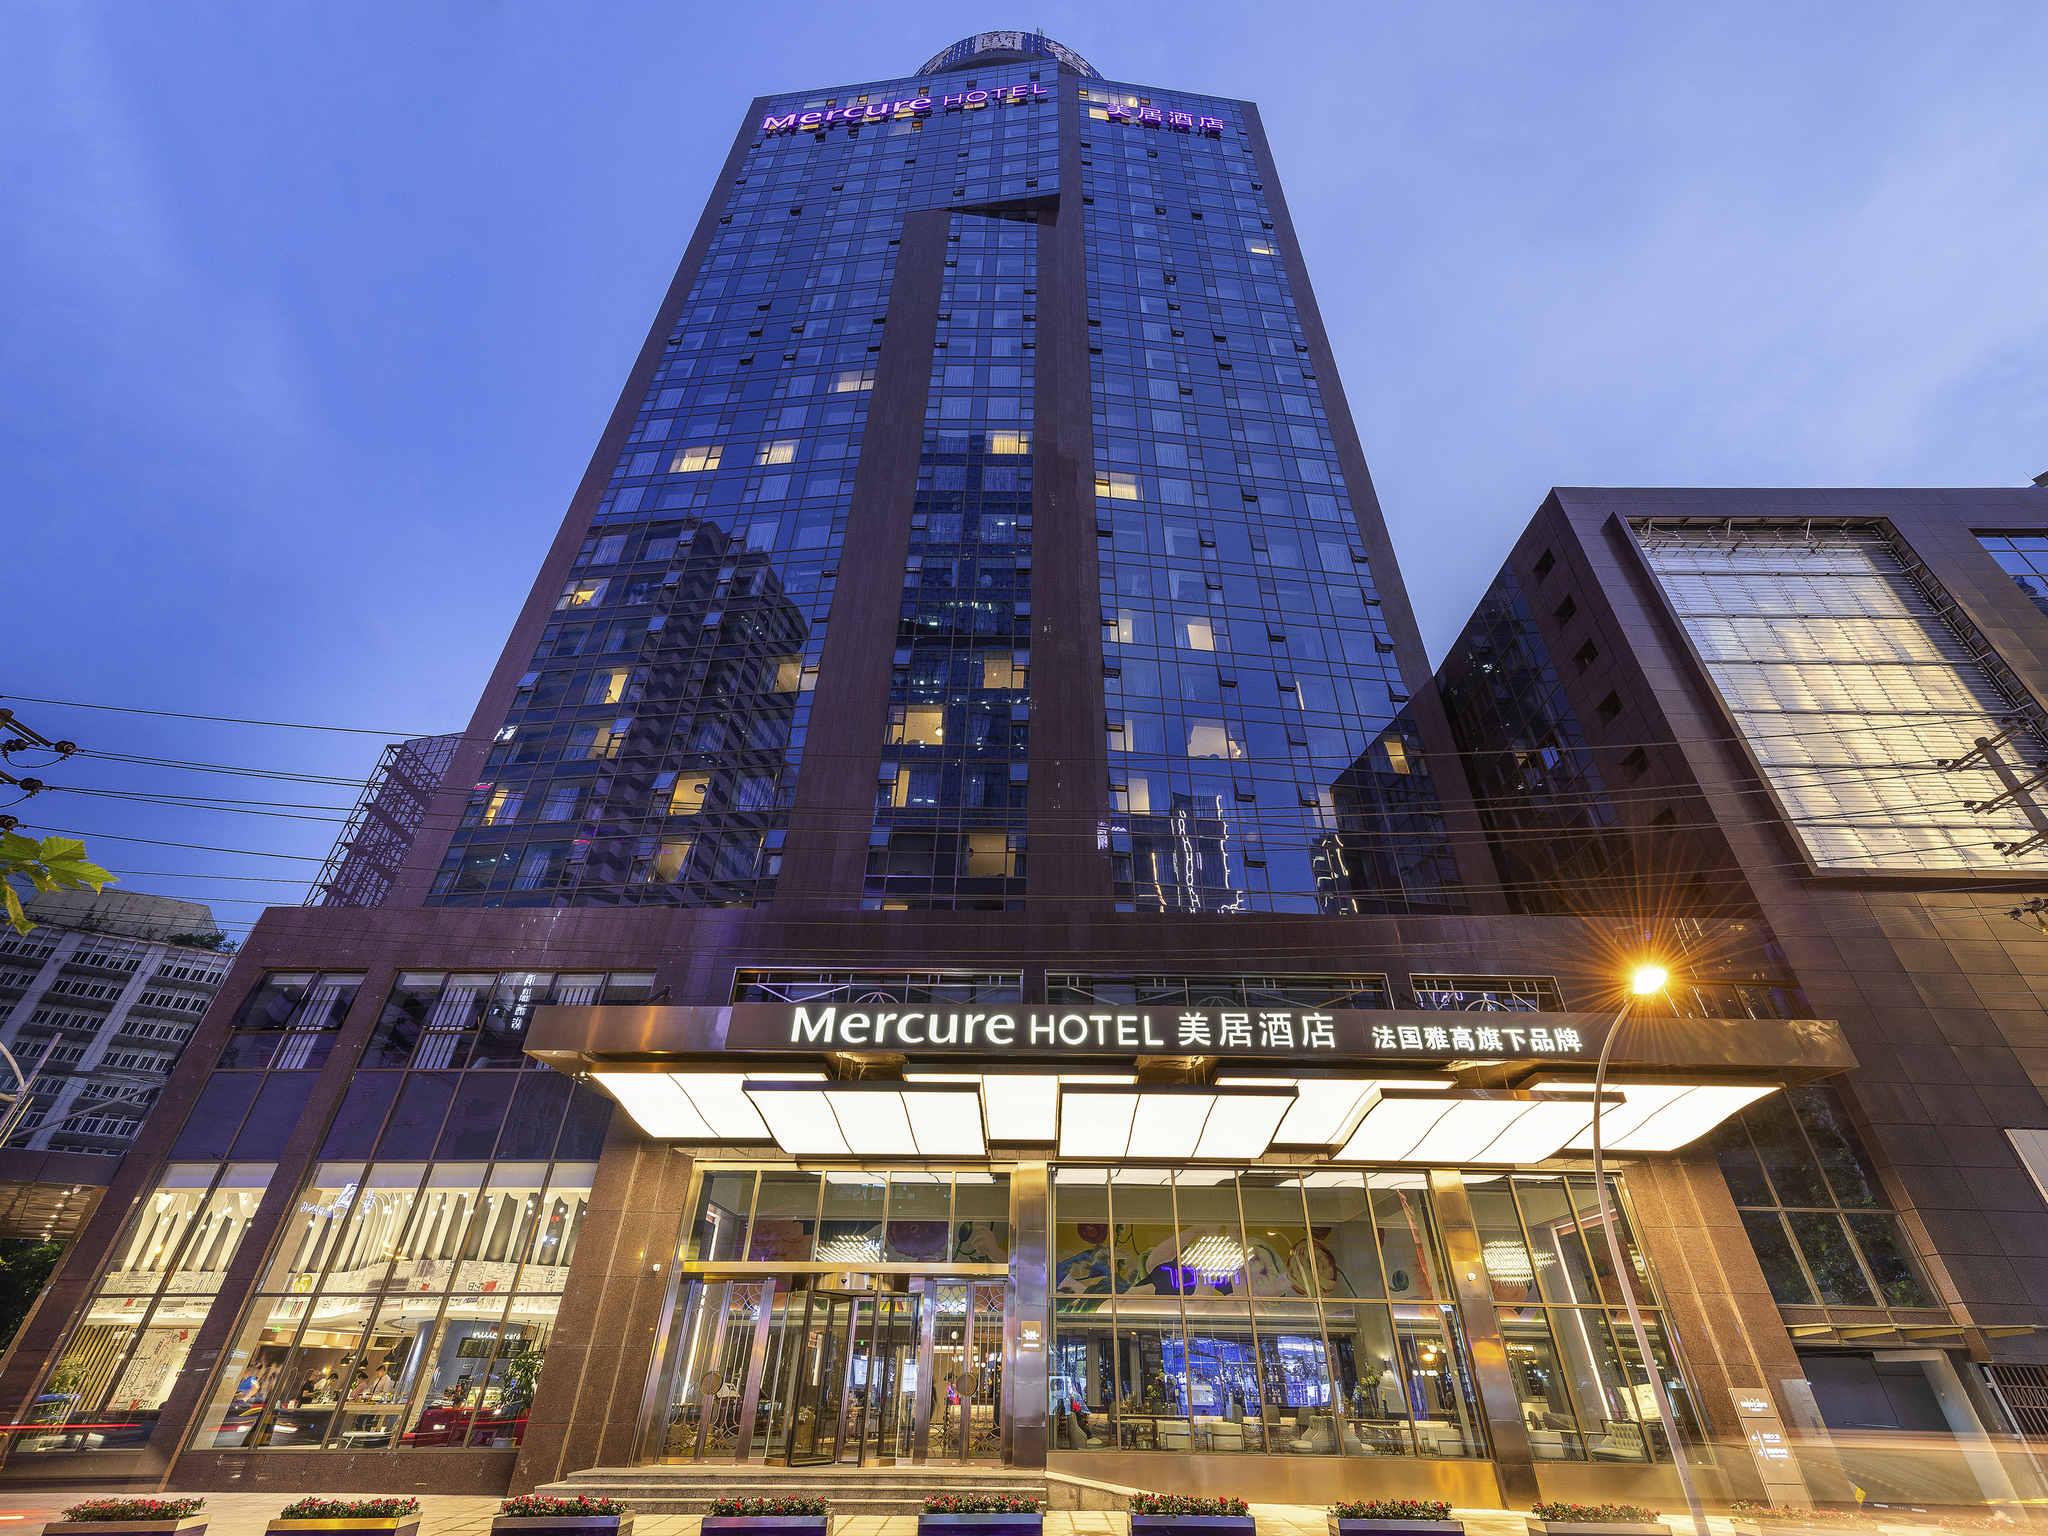 호텔 – 머큐어 청두 춘시(2018년 9월 오픈)